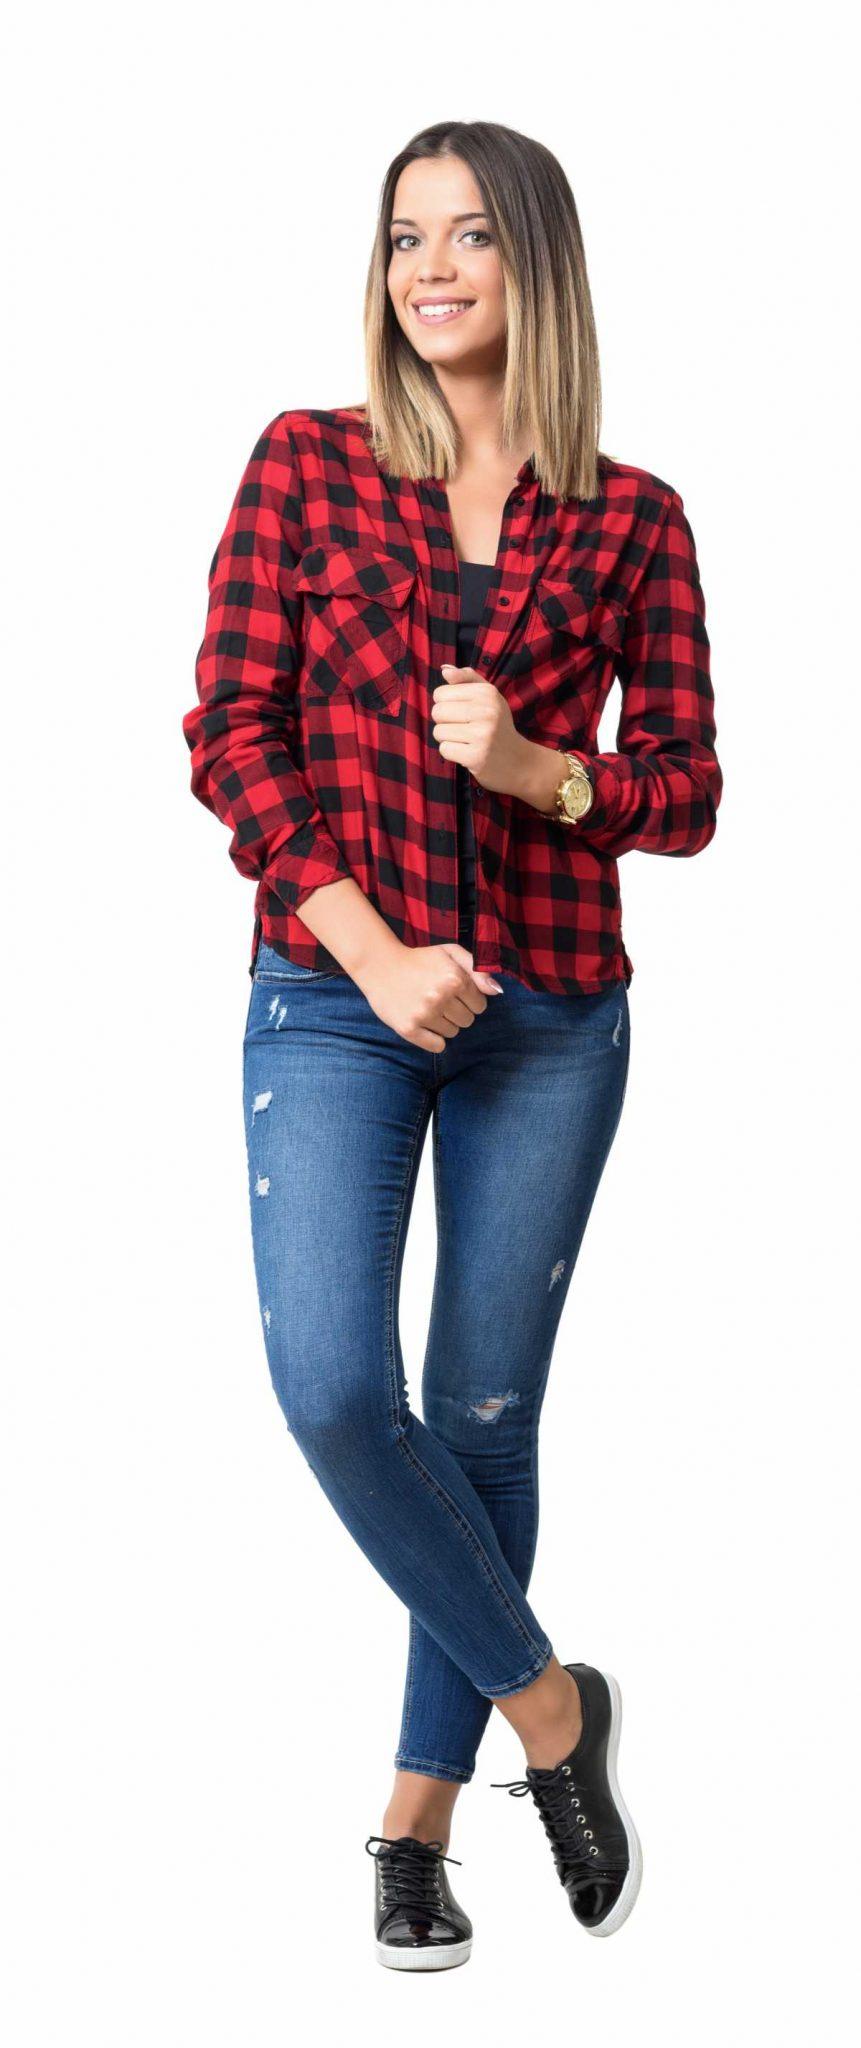 camisa com estampa xadrez preta e vermelha